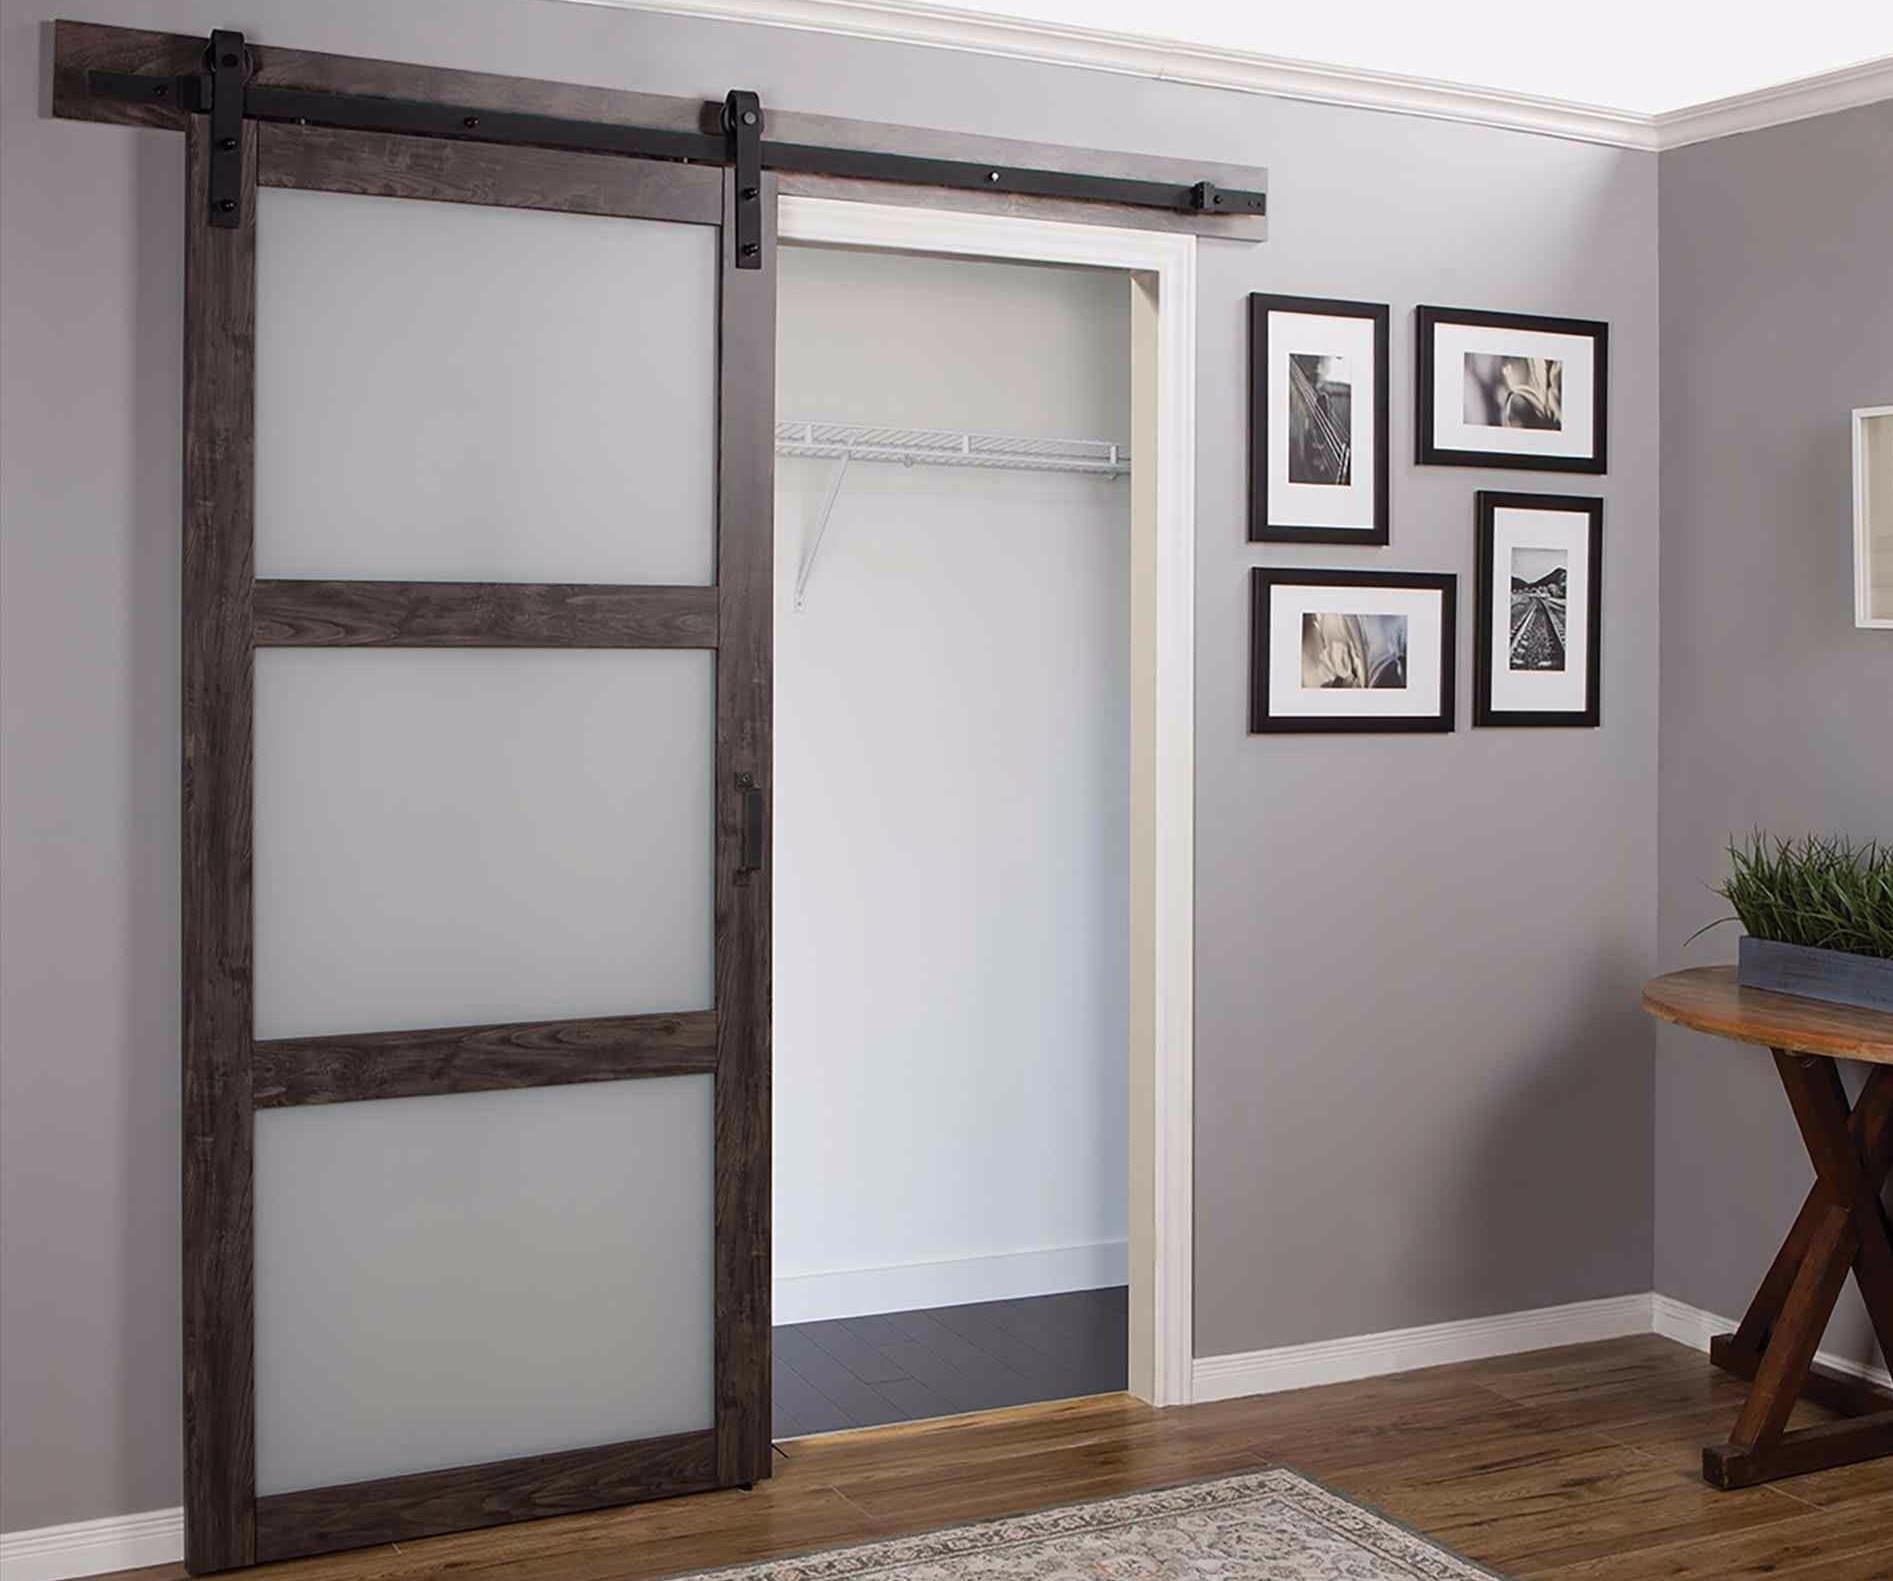 Temukan Desain yang Cocok Untuk Pintu Kantor